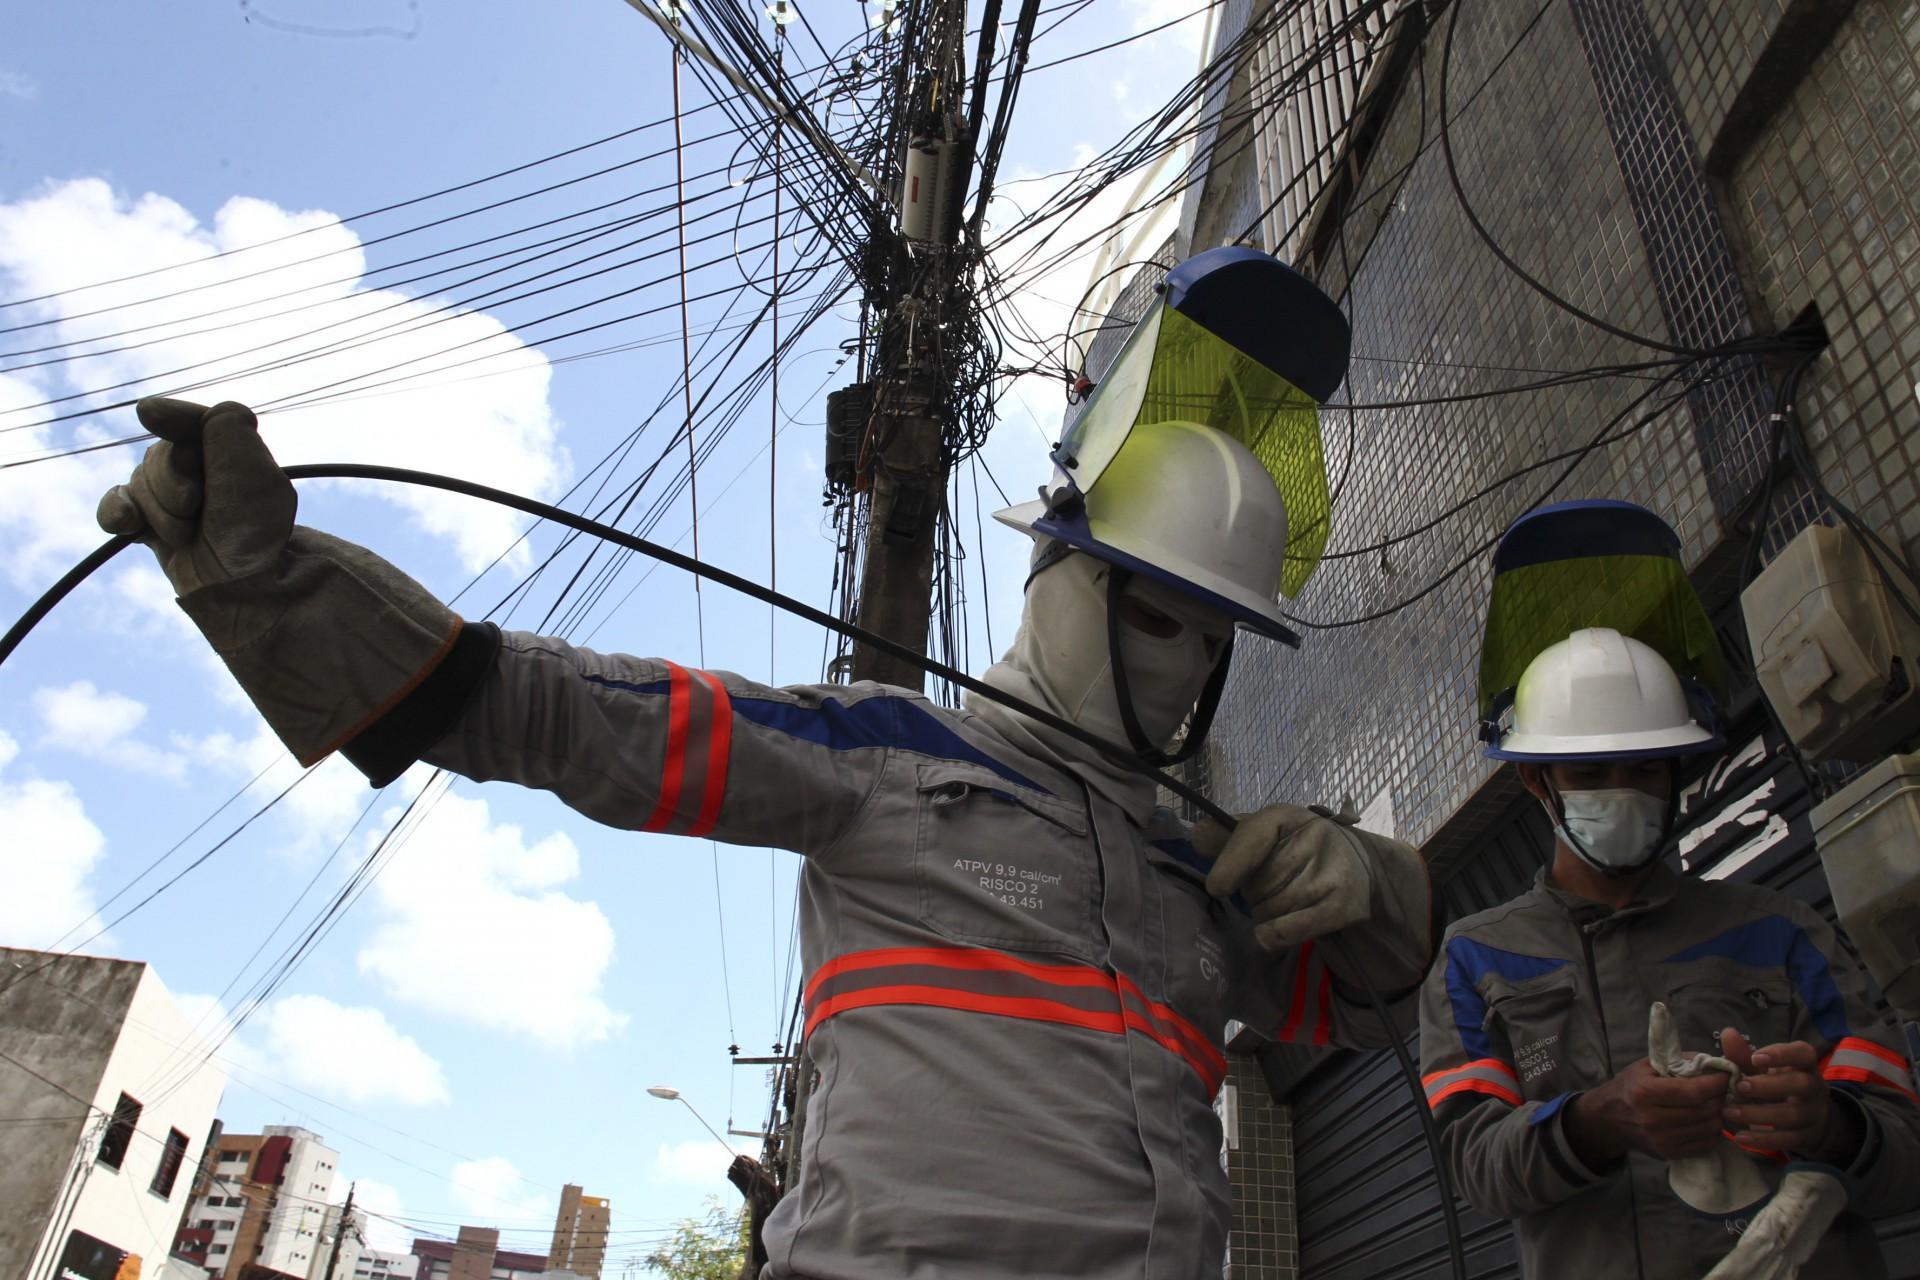 FORTALEZA,CE, BRASIL, 17.06.2021: Funcionários da Enel realizam manutenção em rede elétrica no bairro Meireles.  (Fotos: Fabio Lima/O POVO)